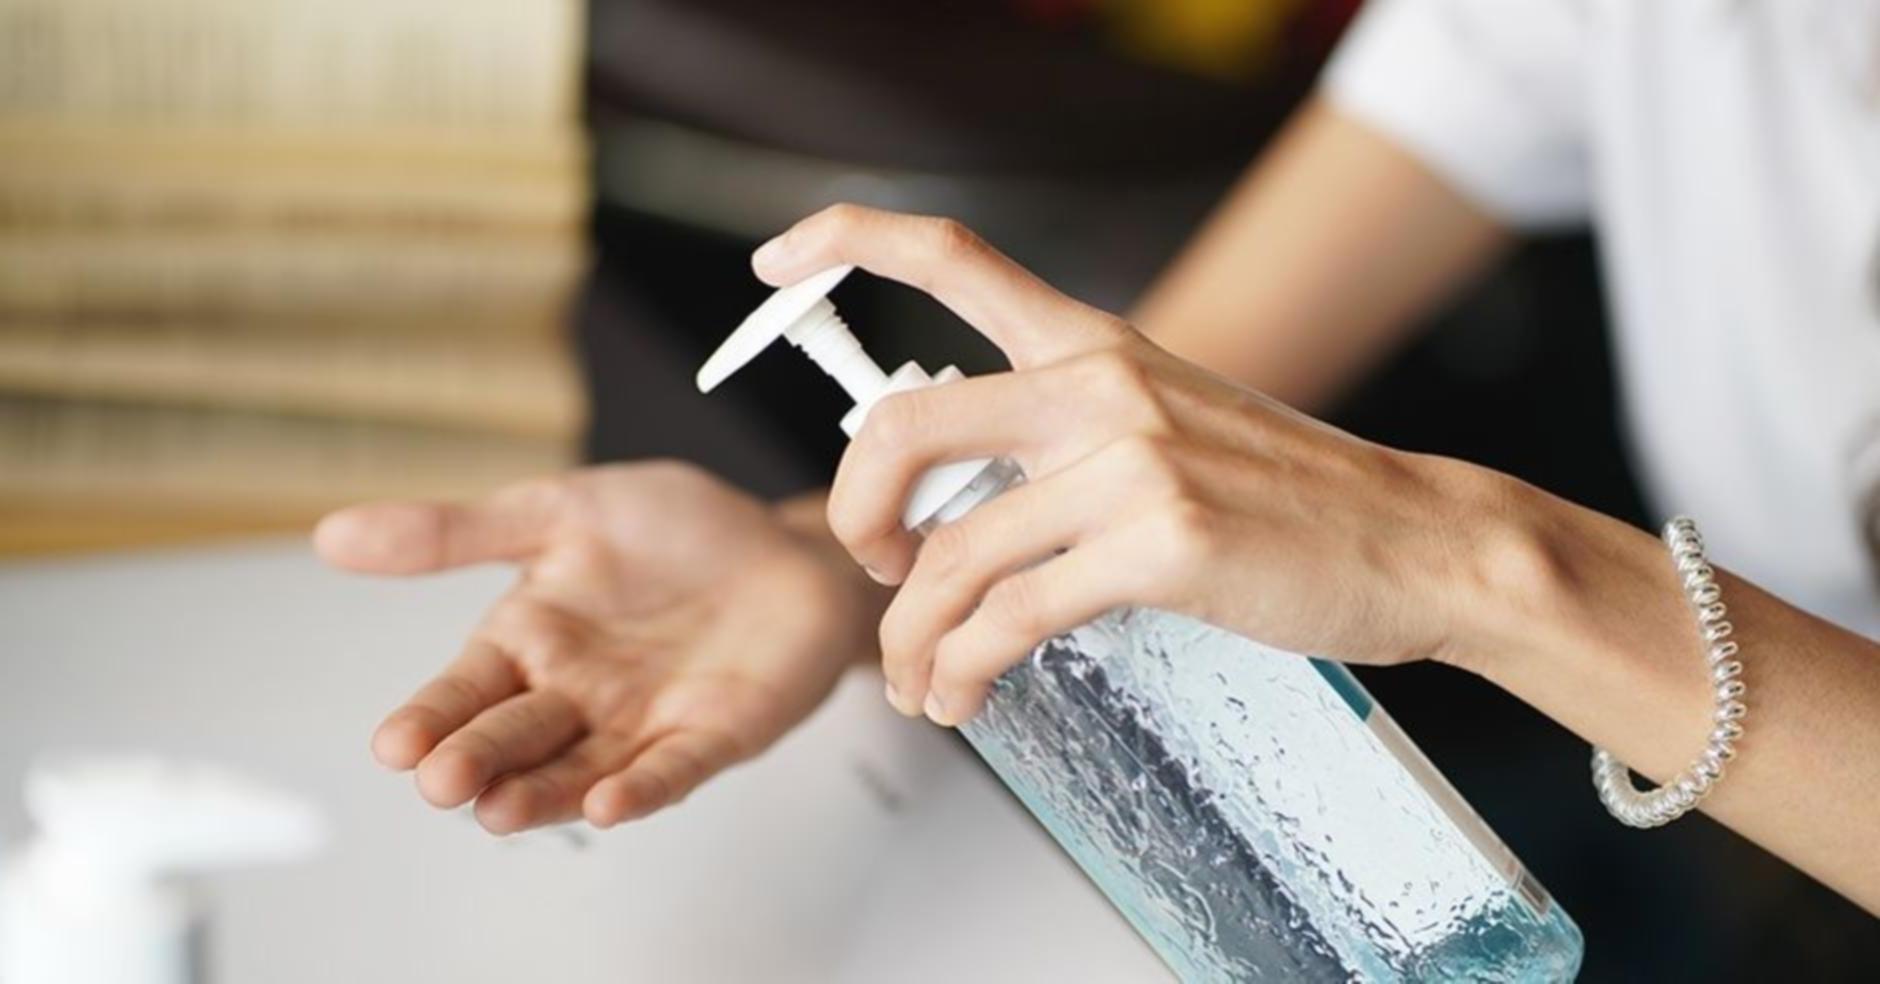 Pour une bonne hygiène, utilisez de l'alcool, du savon ou du gel